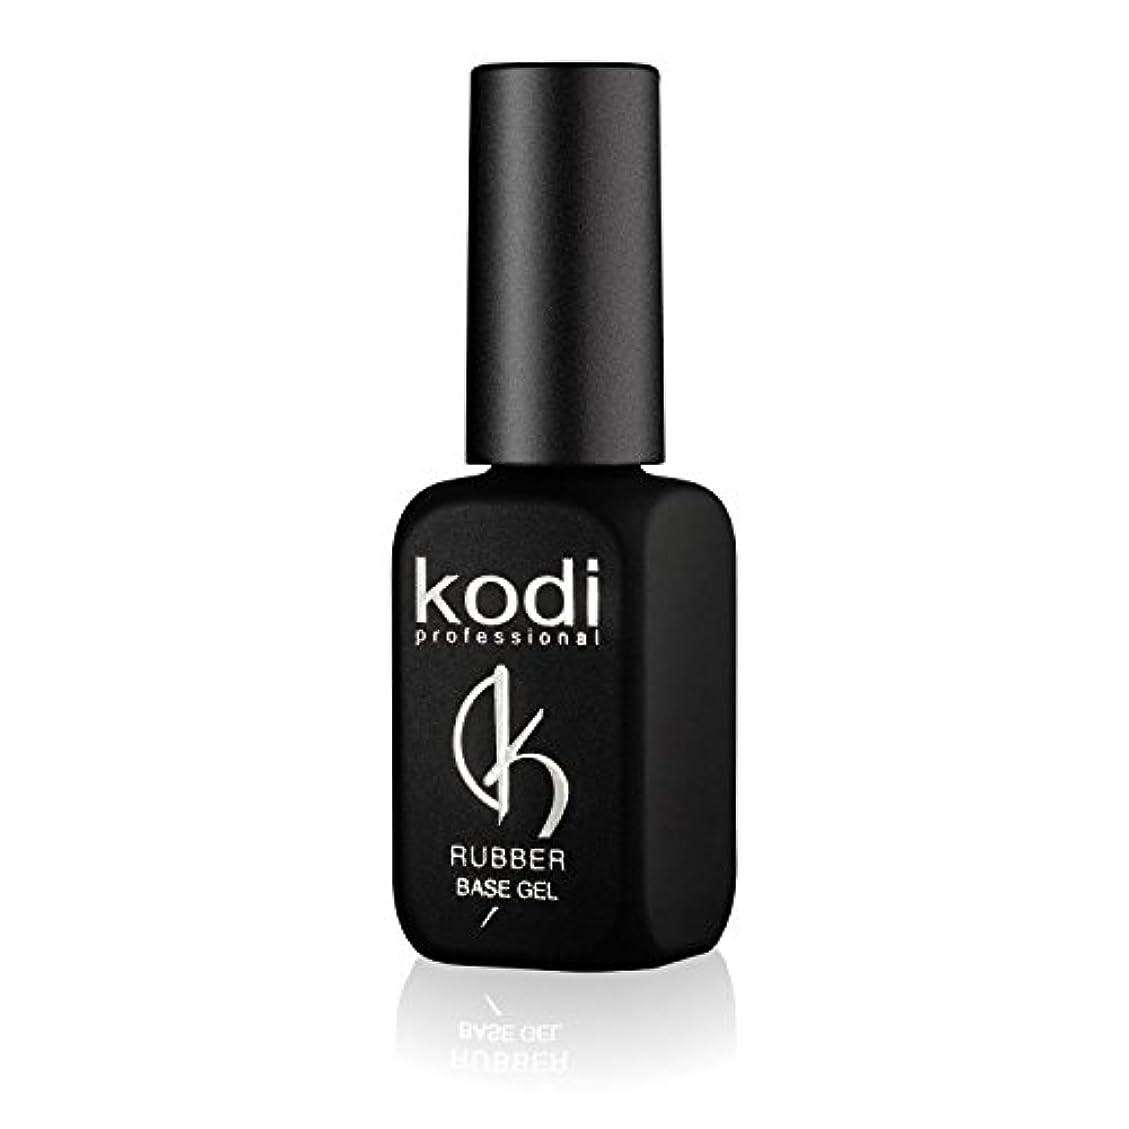 規制するスーツケース気分Professional Rubber Base Gel By Kodi | 12ml 0.42 oz | Soak Off, Polish Fingernails Coat Gel | For Long Lasting...